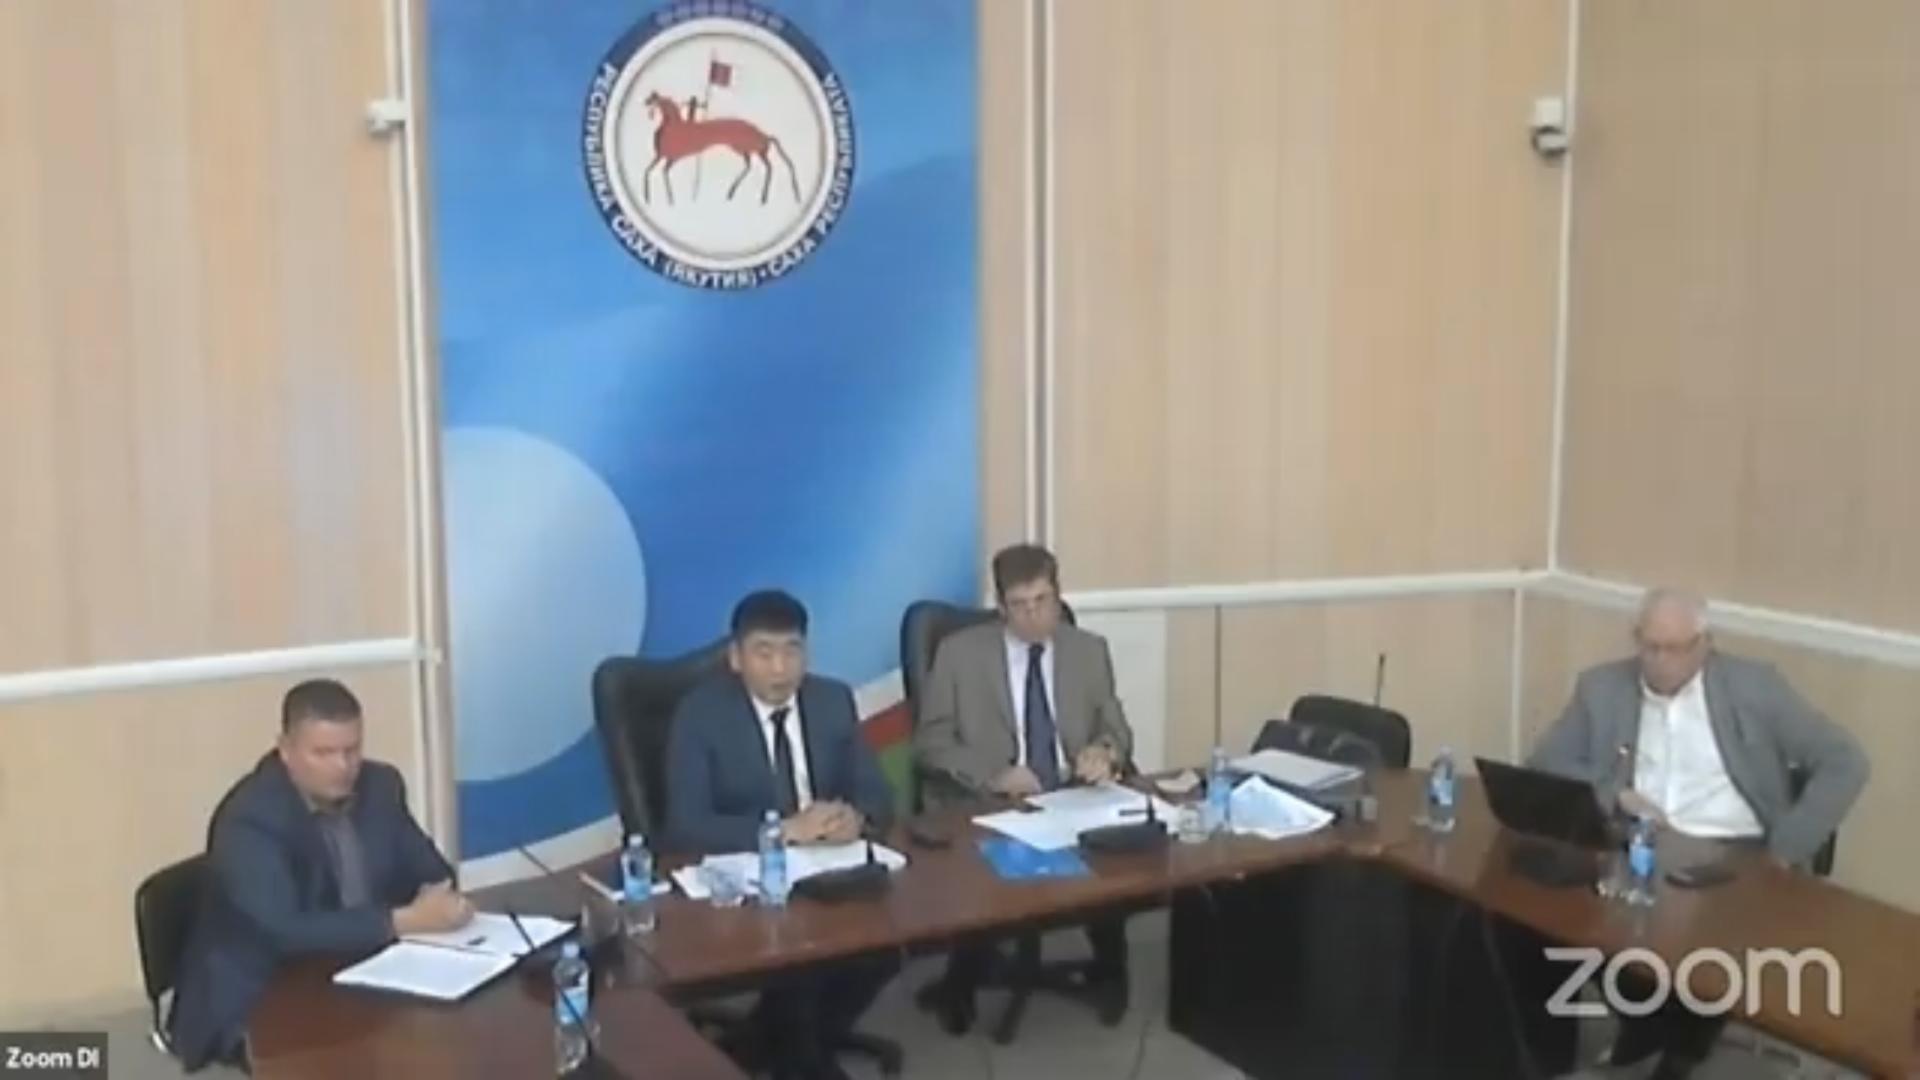 Вопросы эксплуатации и развития железных дорог обсудили на Северном форуме